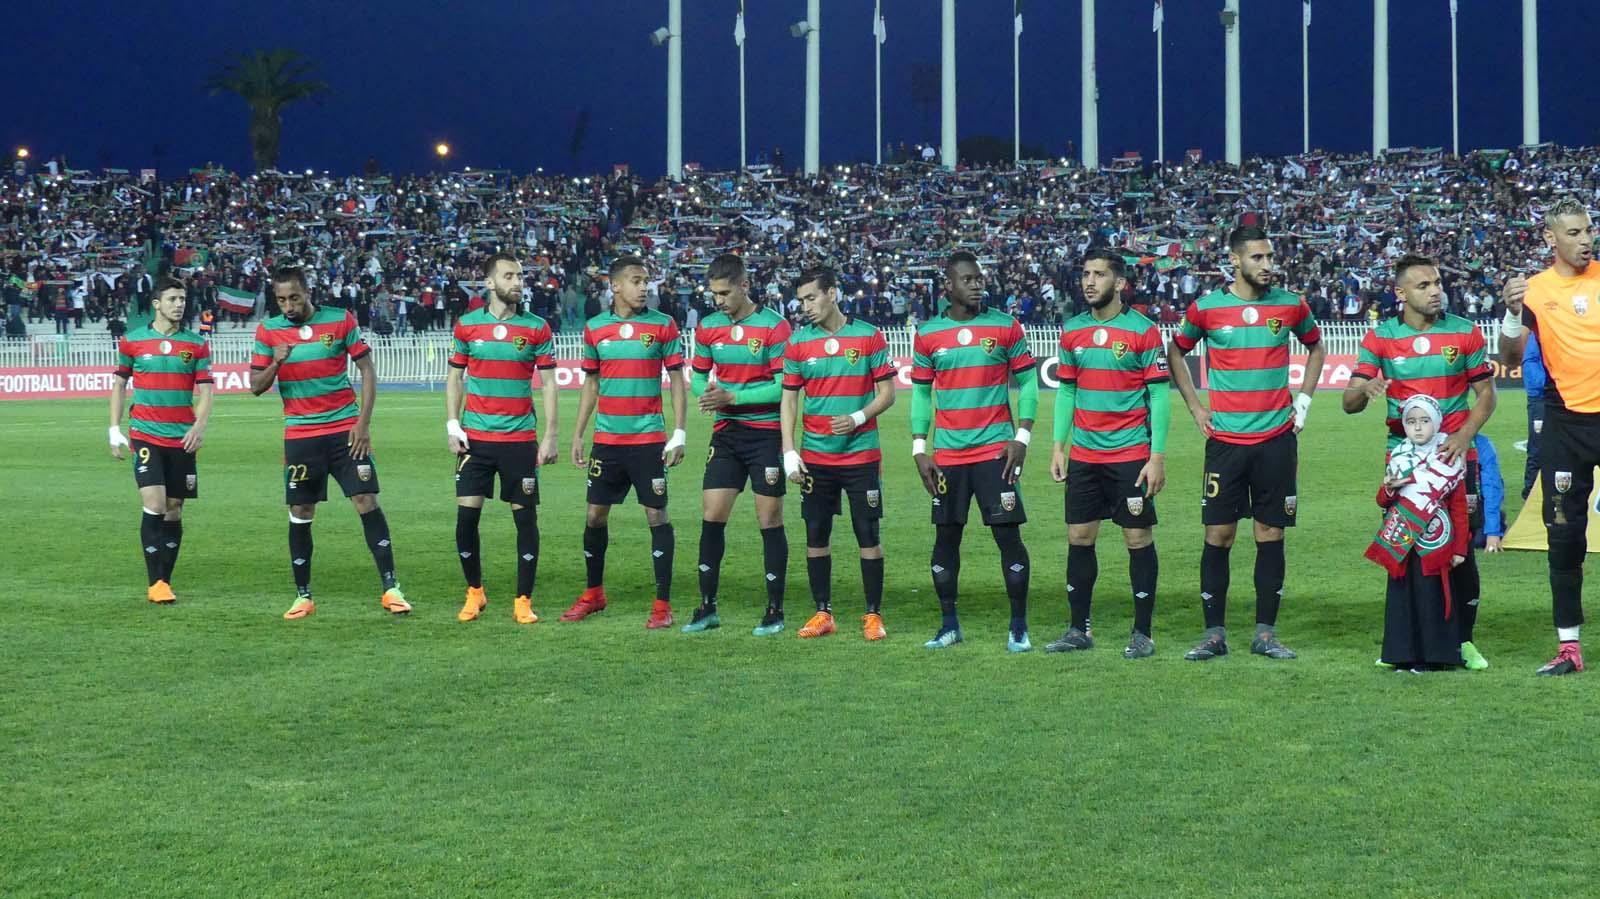 Ligue 1 Mobilis : Le MCAlger et l'USMAlger voyagent bien l'AS Ain Mlila assure face à l'Entente, vidéo